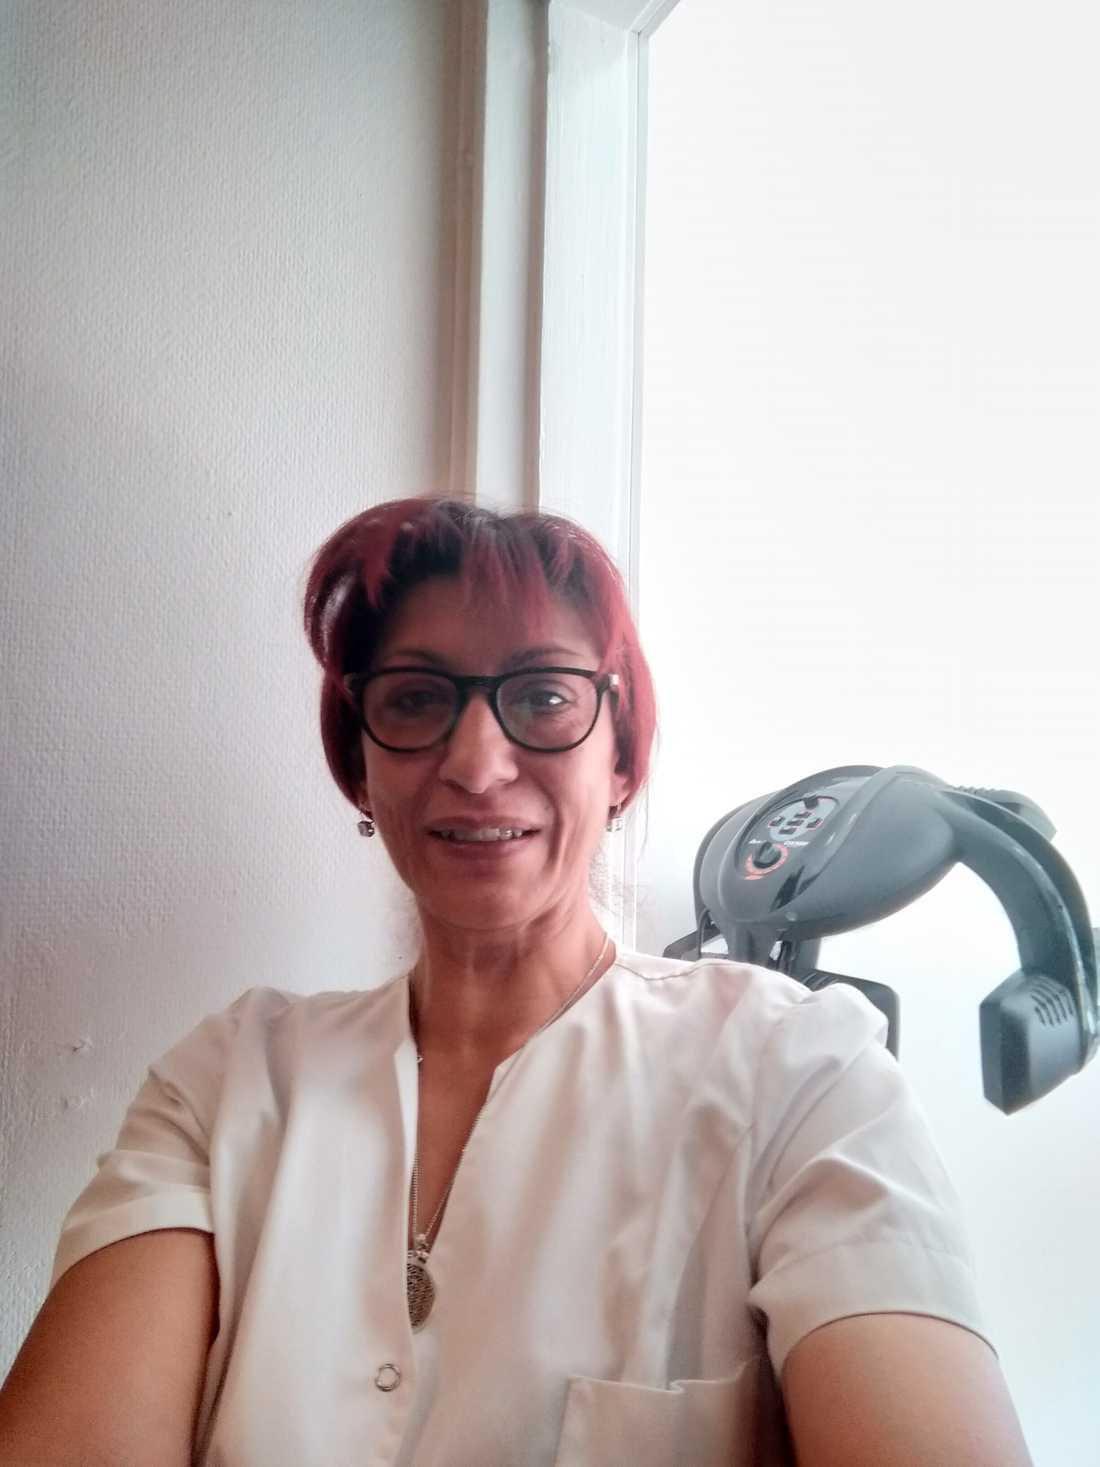 Christina, 51.